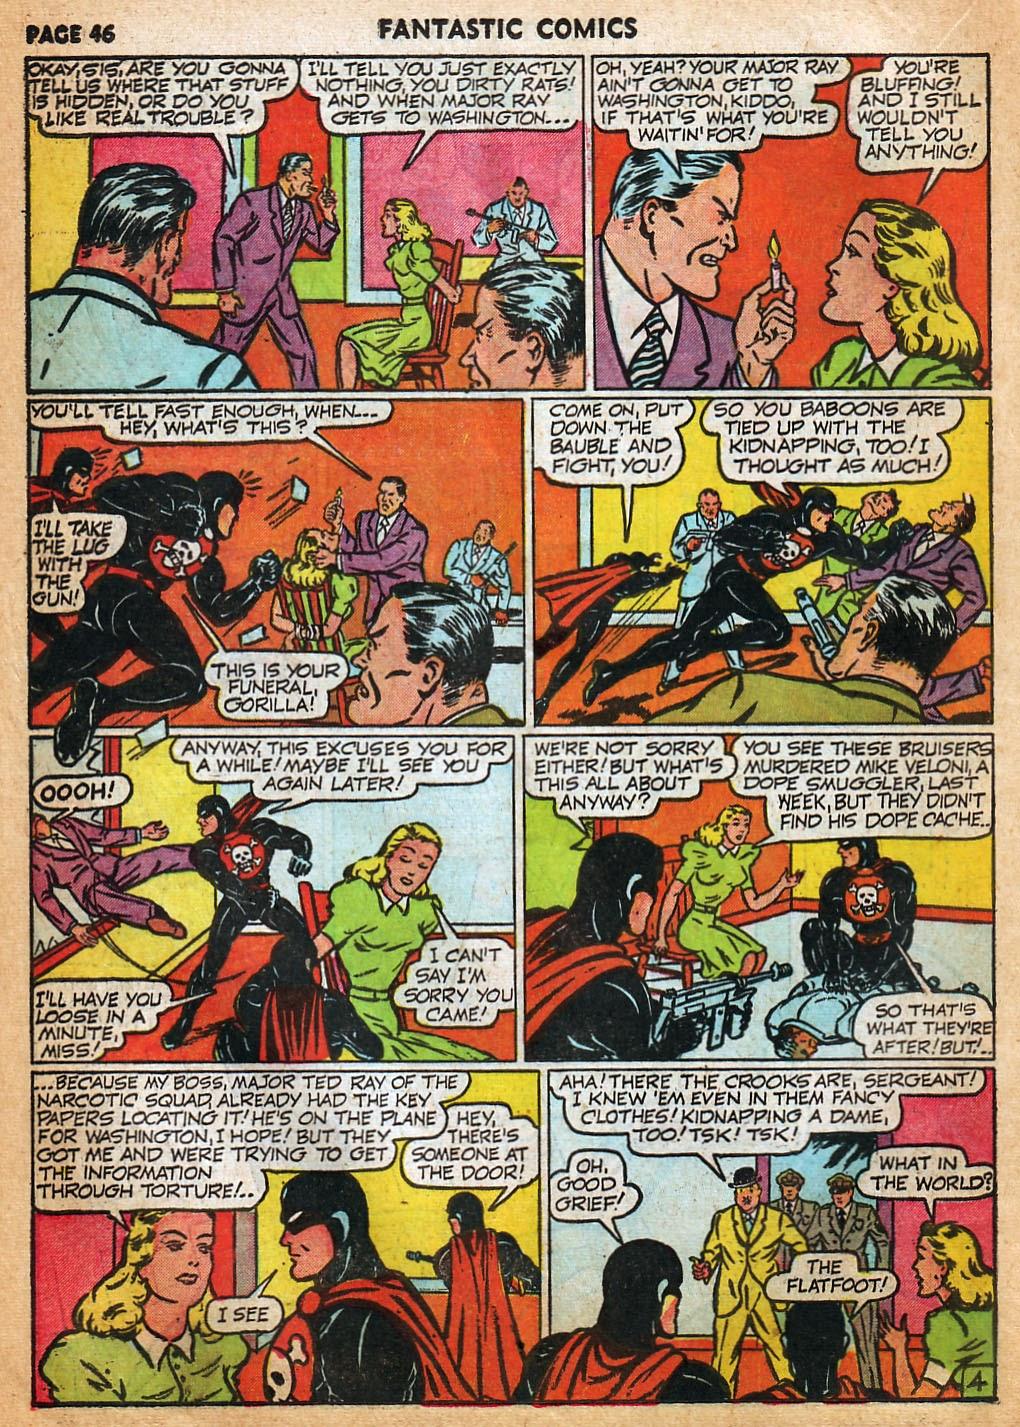 Read online Fantastic Comics comic -  Issue #22 - 47